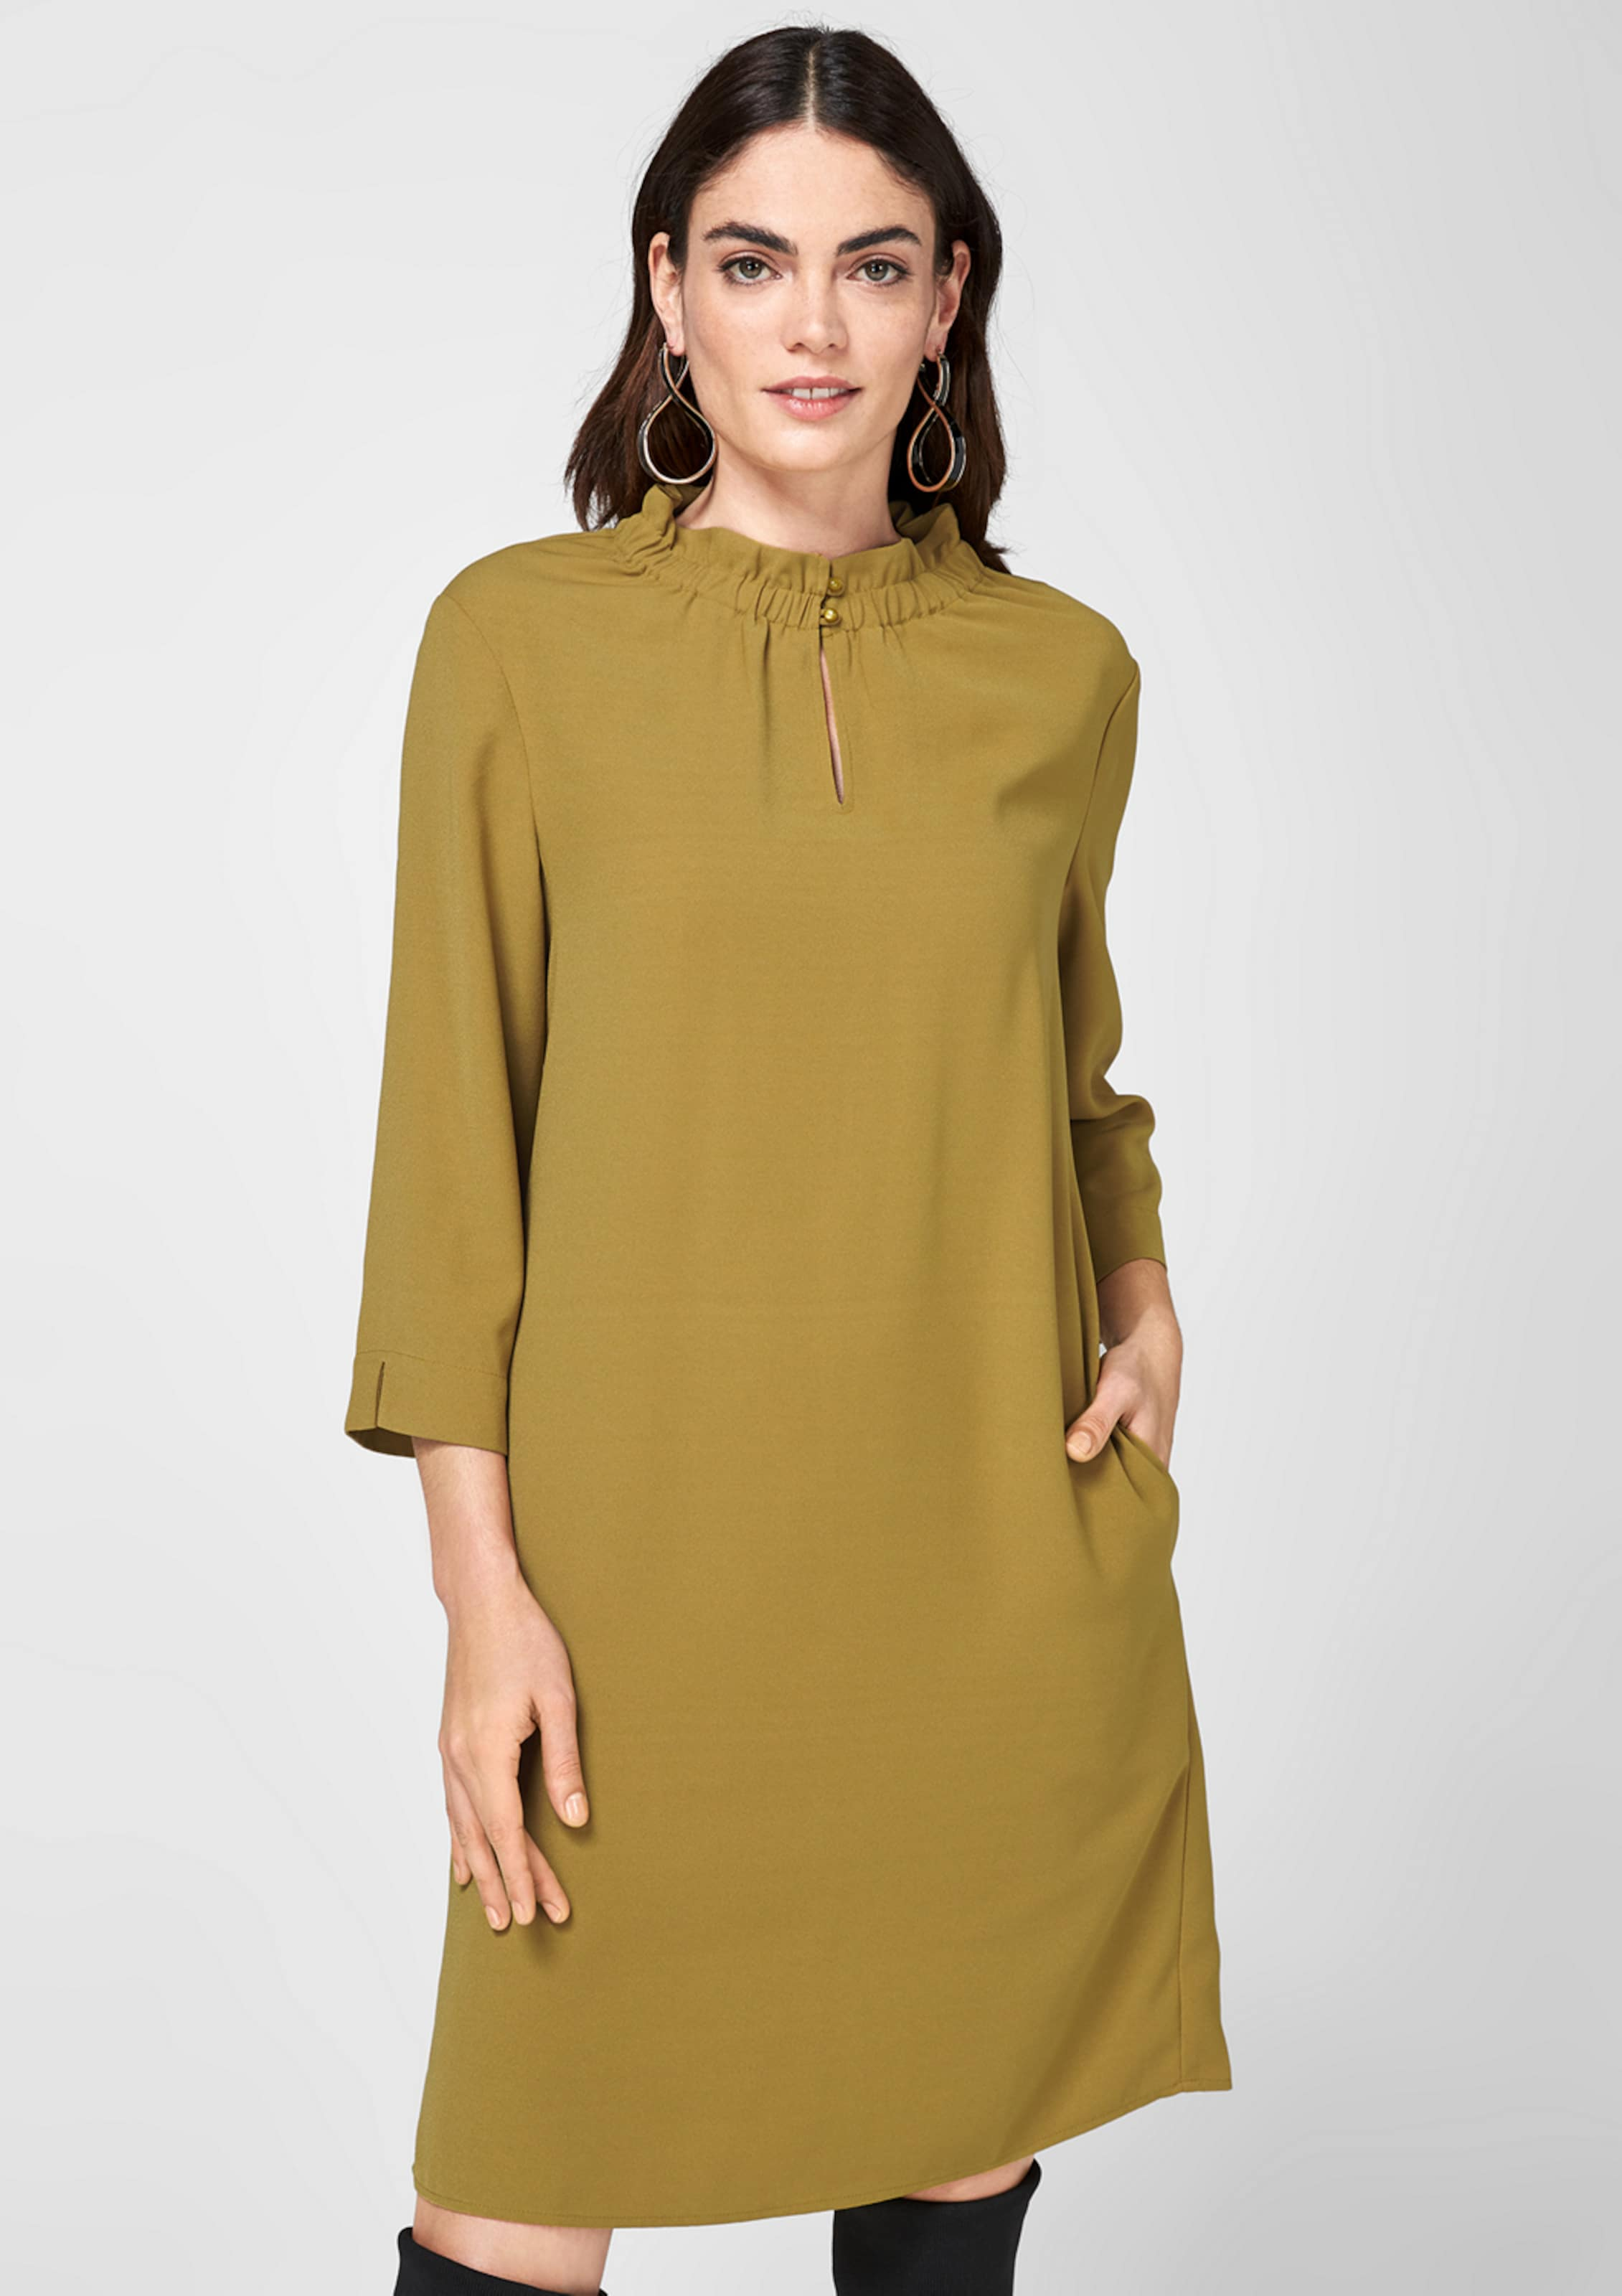 Senf S oliver Black Kleid In Label 80wXnPOk